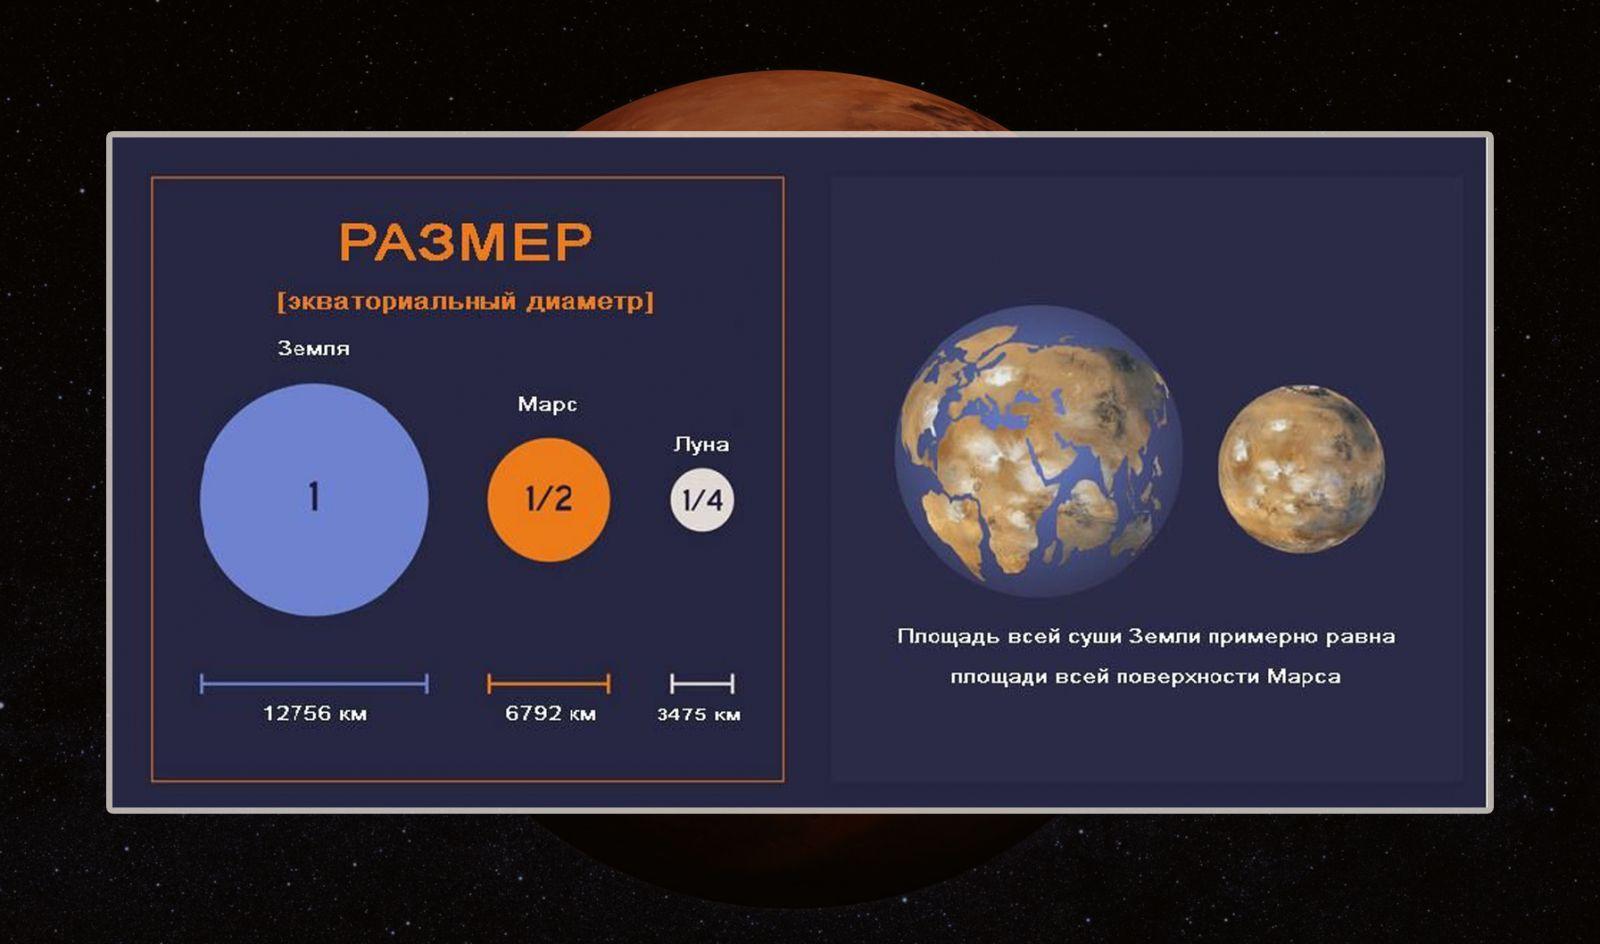 Сопоставление размеров Земли, Марса и Луны